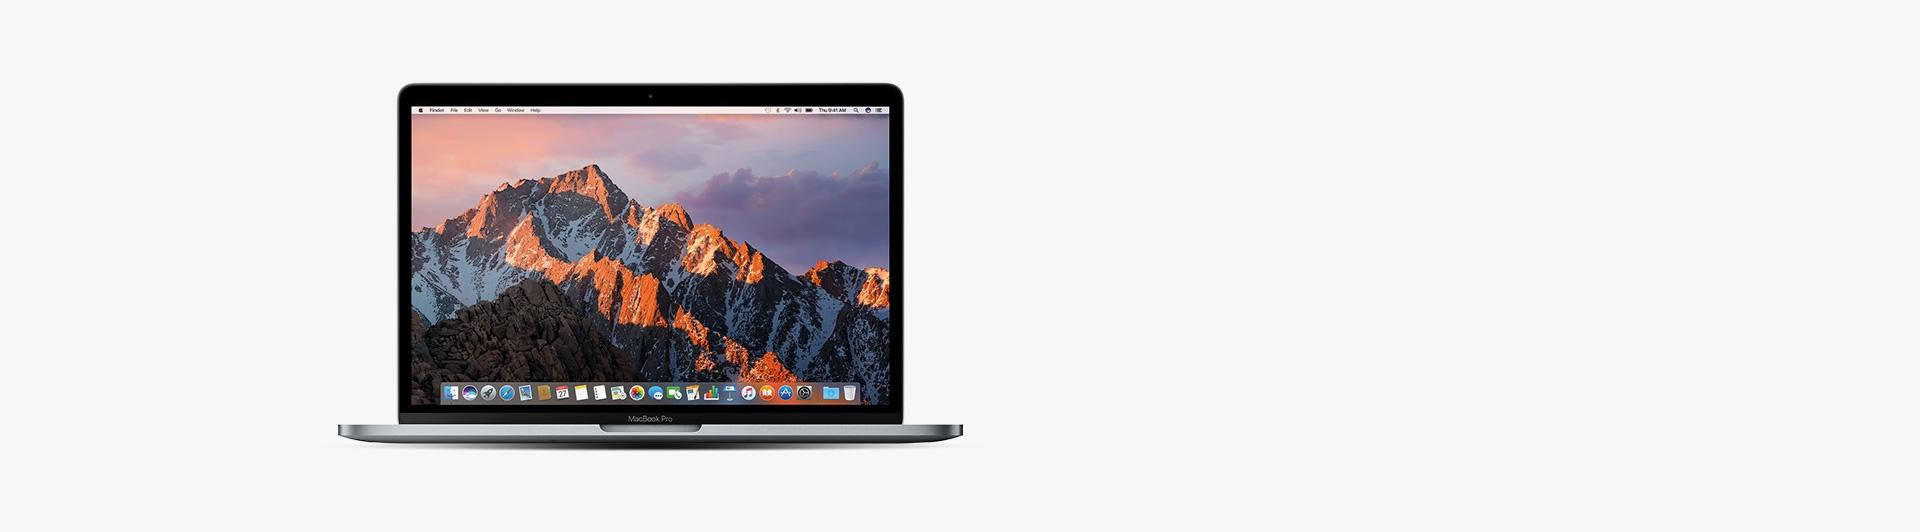 Macbook Pro 13.3 inch 256GB 2017 (MPXT2SA/A)